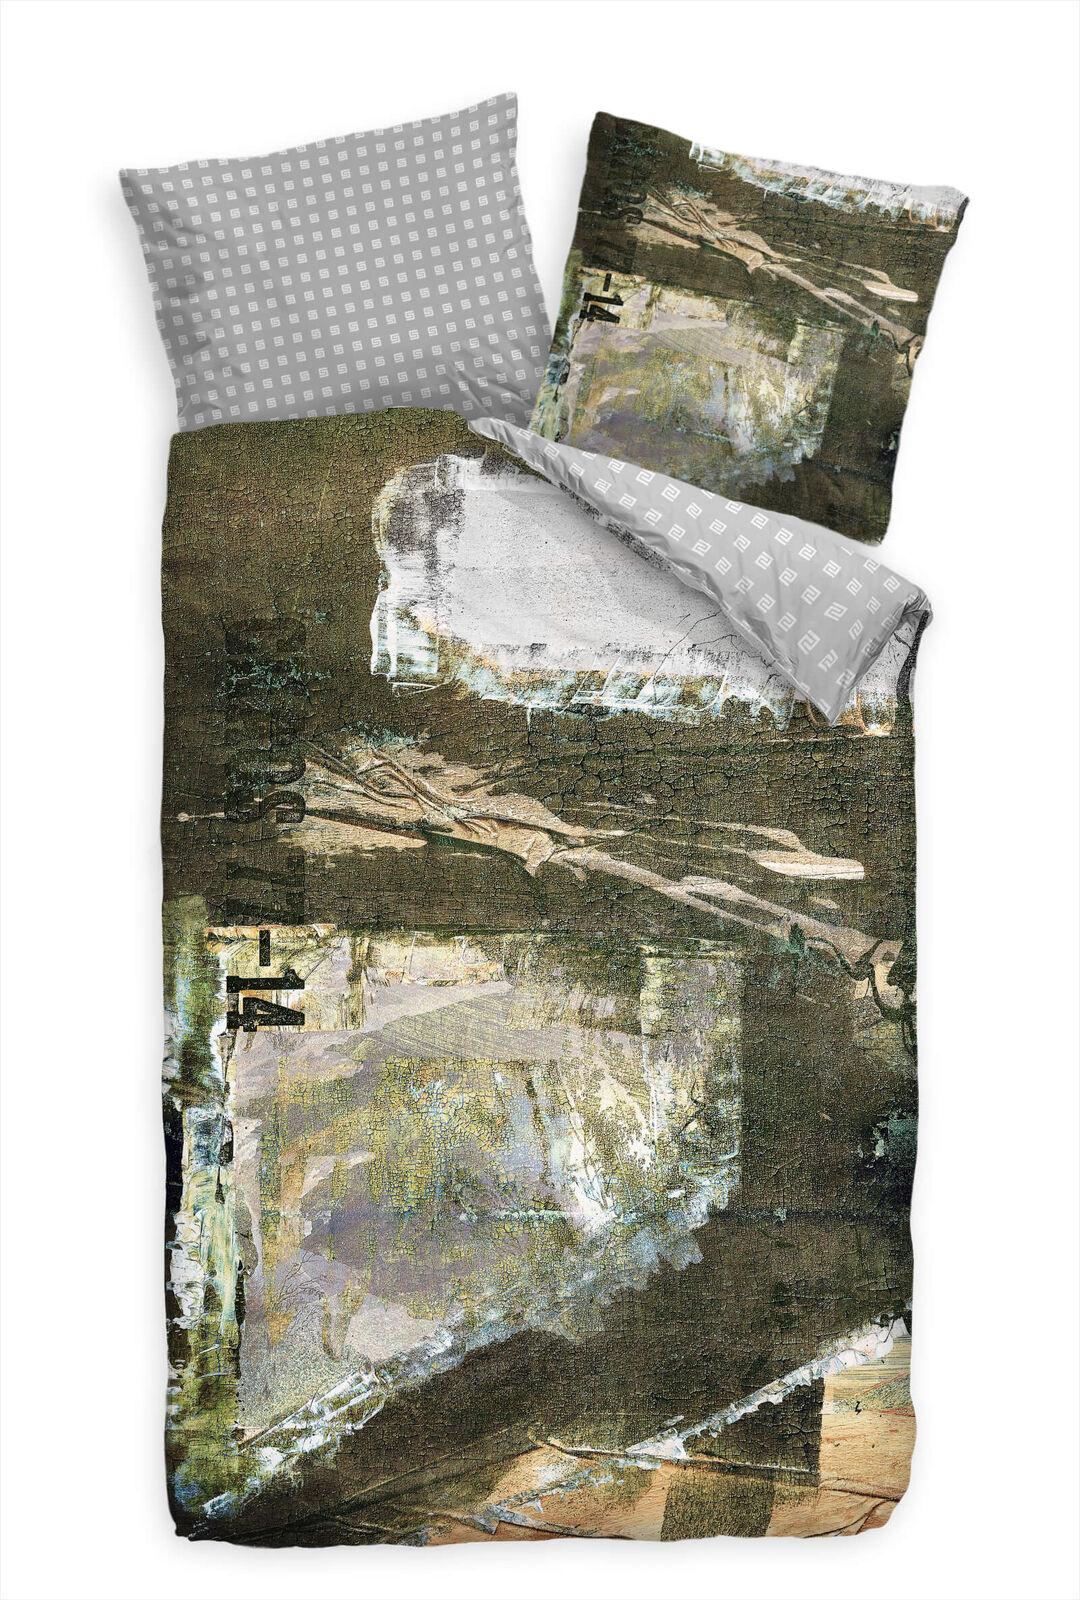 Bettwäsche Set 135x200 cm  80x80cm hochwertige Atmungsaktive Hypoallergen | Exquisite Handwerkskunst